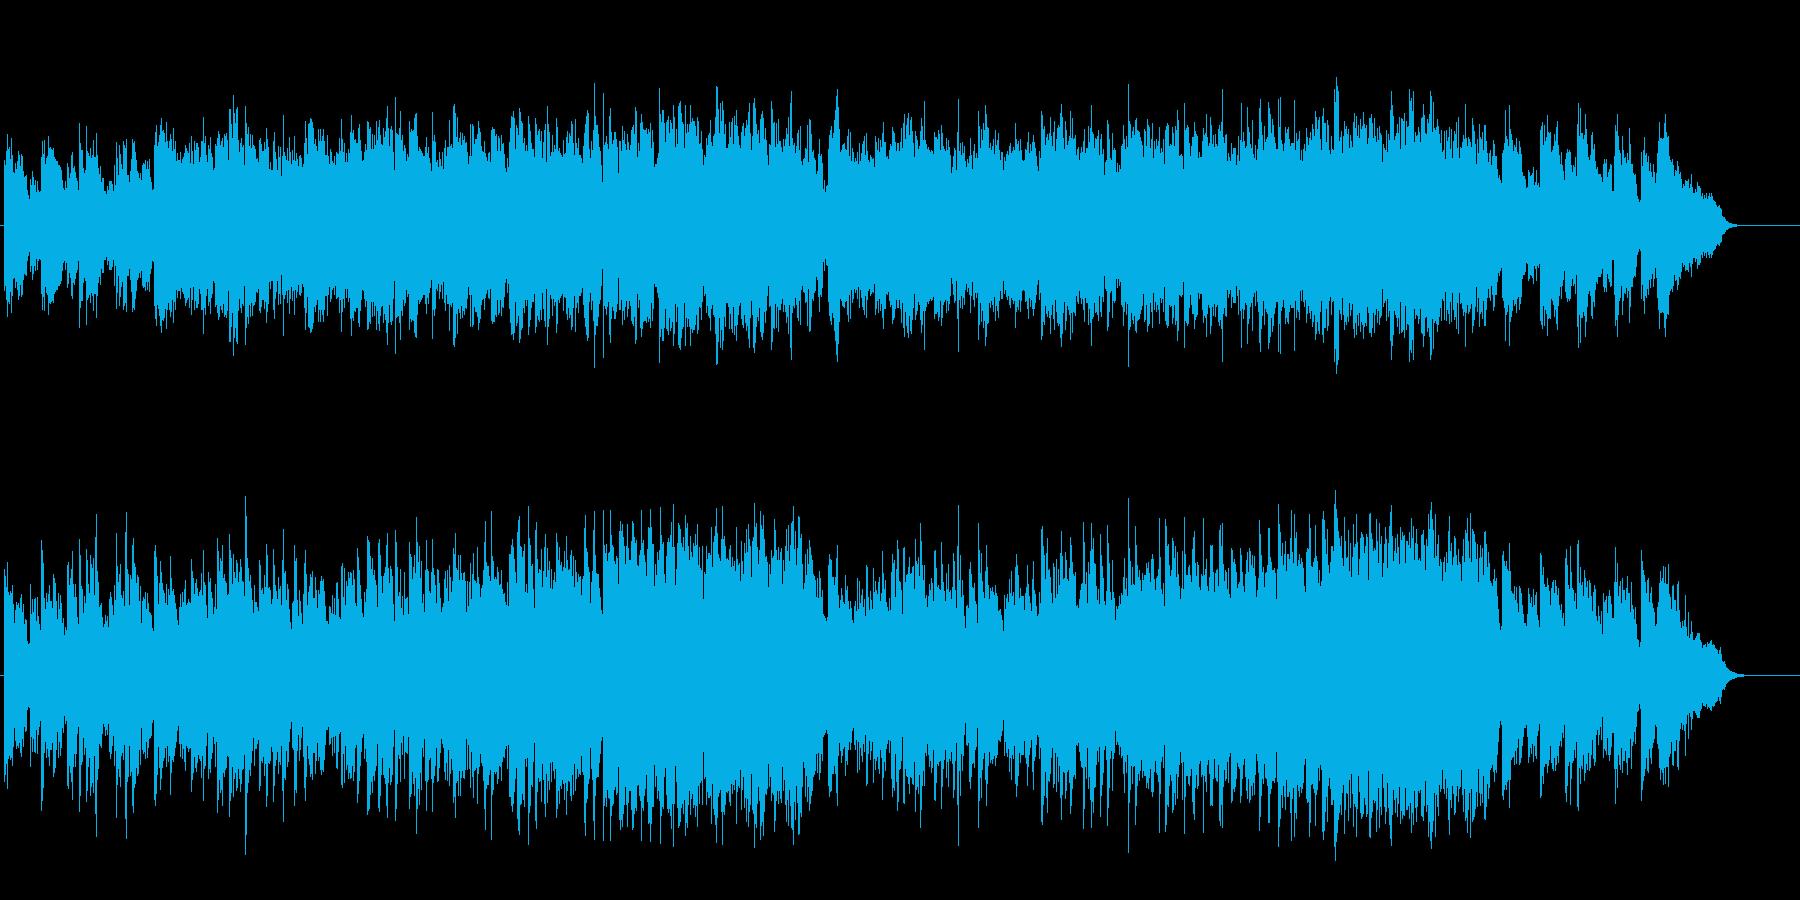 透明感のあるナイーブなアコースティックの再生済みの波形